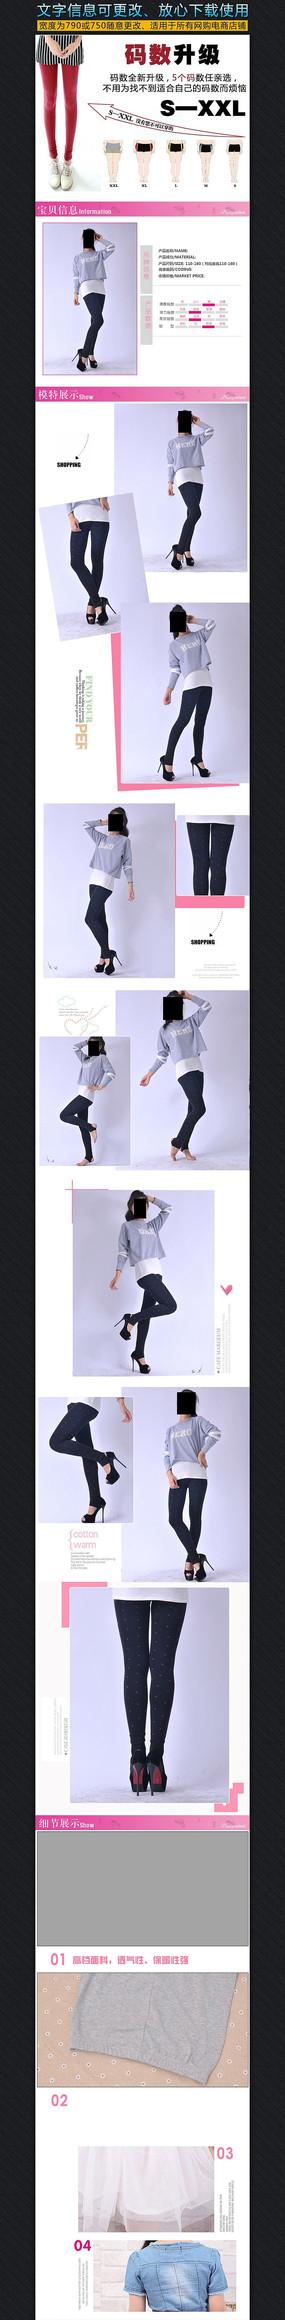 淘宝加厚保暖裤详情页模版